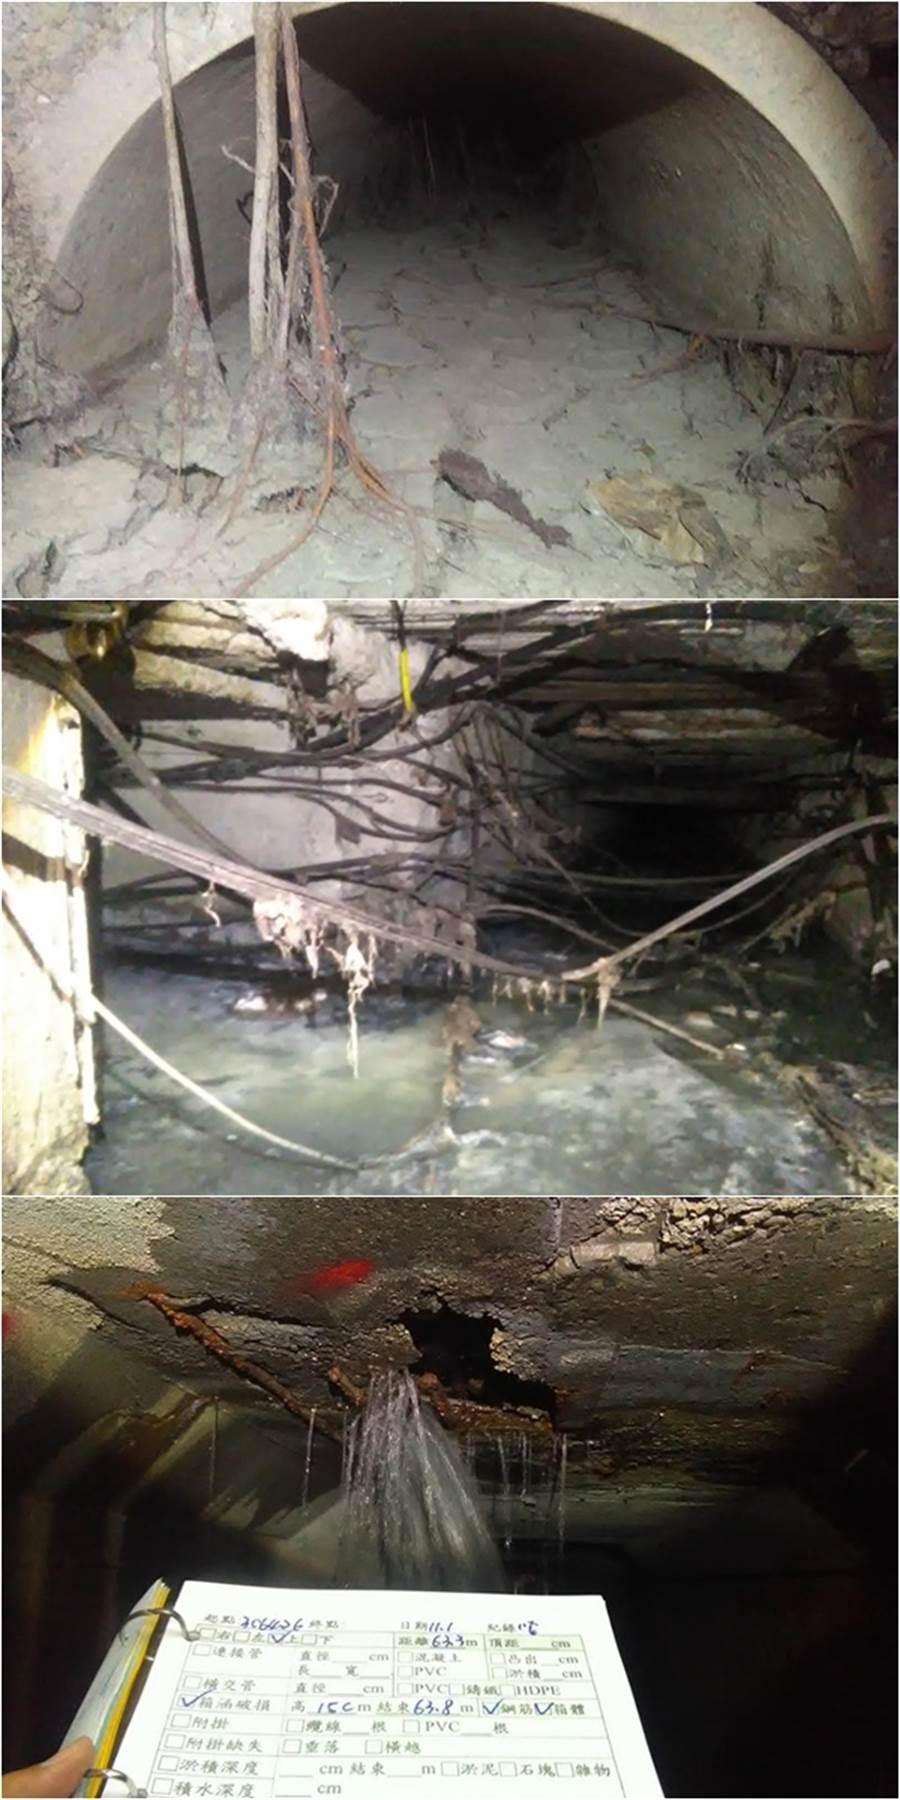 下水道普查時的照片,真實景象令人「怵目驚心」。(圖/翻攝自治水救台灣 李鴻源粉絲頁FB)